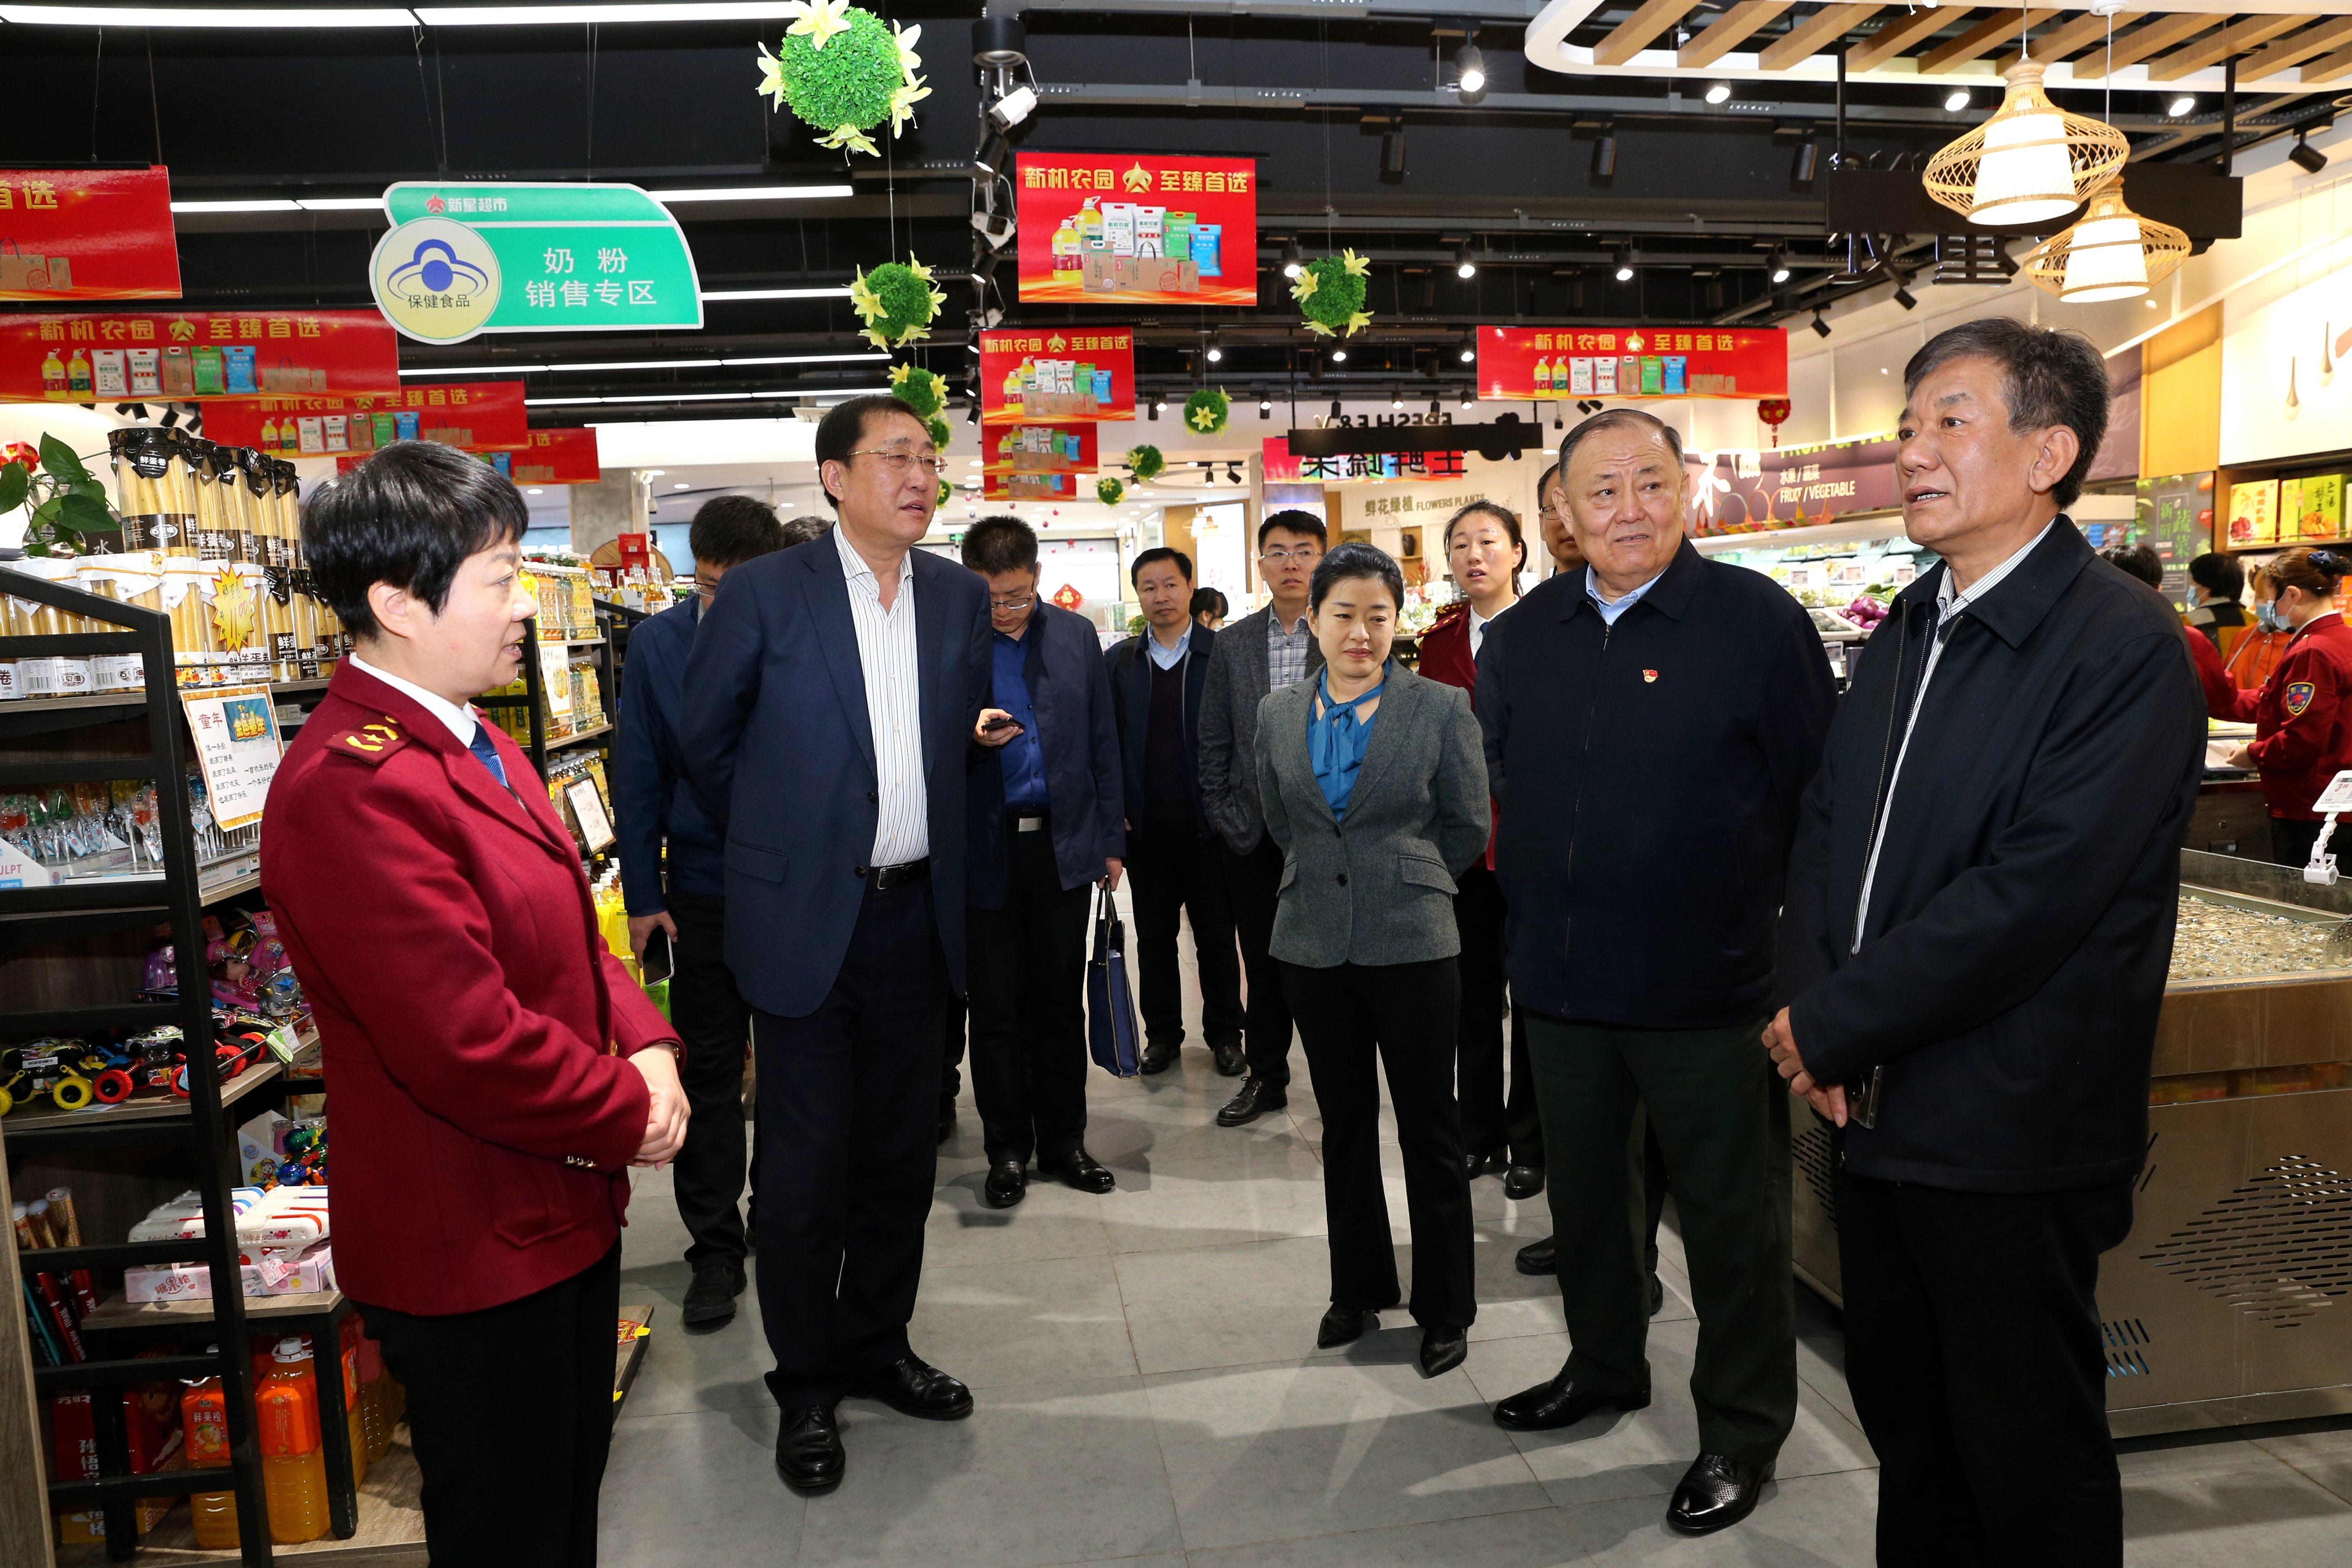 山東省商務廳副廳長王洪平到新星調研